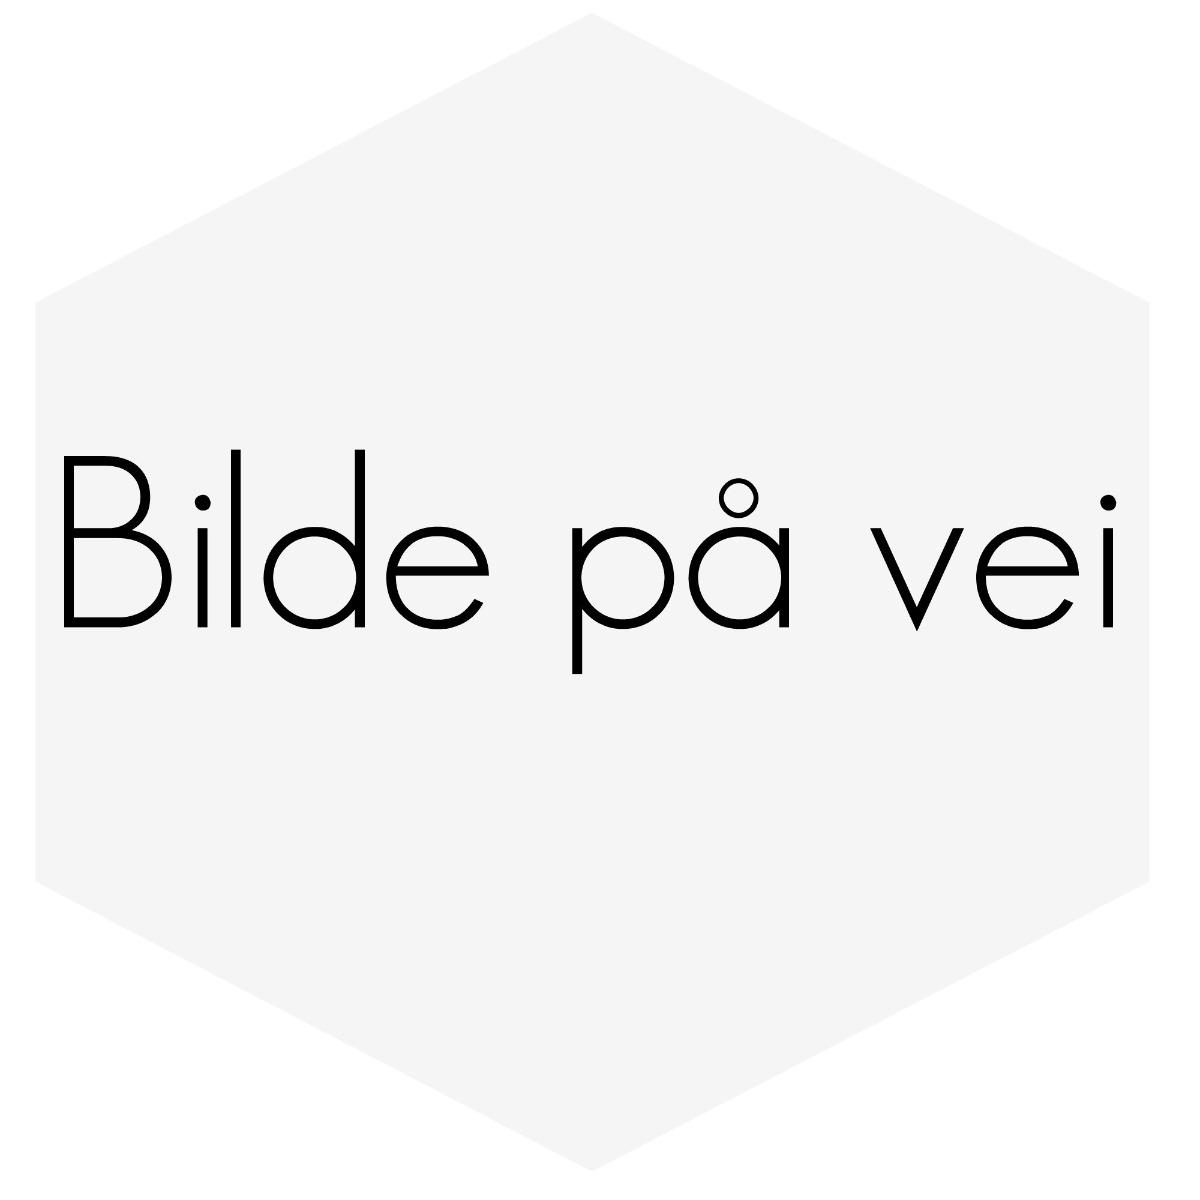 INSTRUMENT PROSPORT-S 60MM STRØM MÅLER MED LYDVARSLING